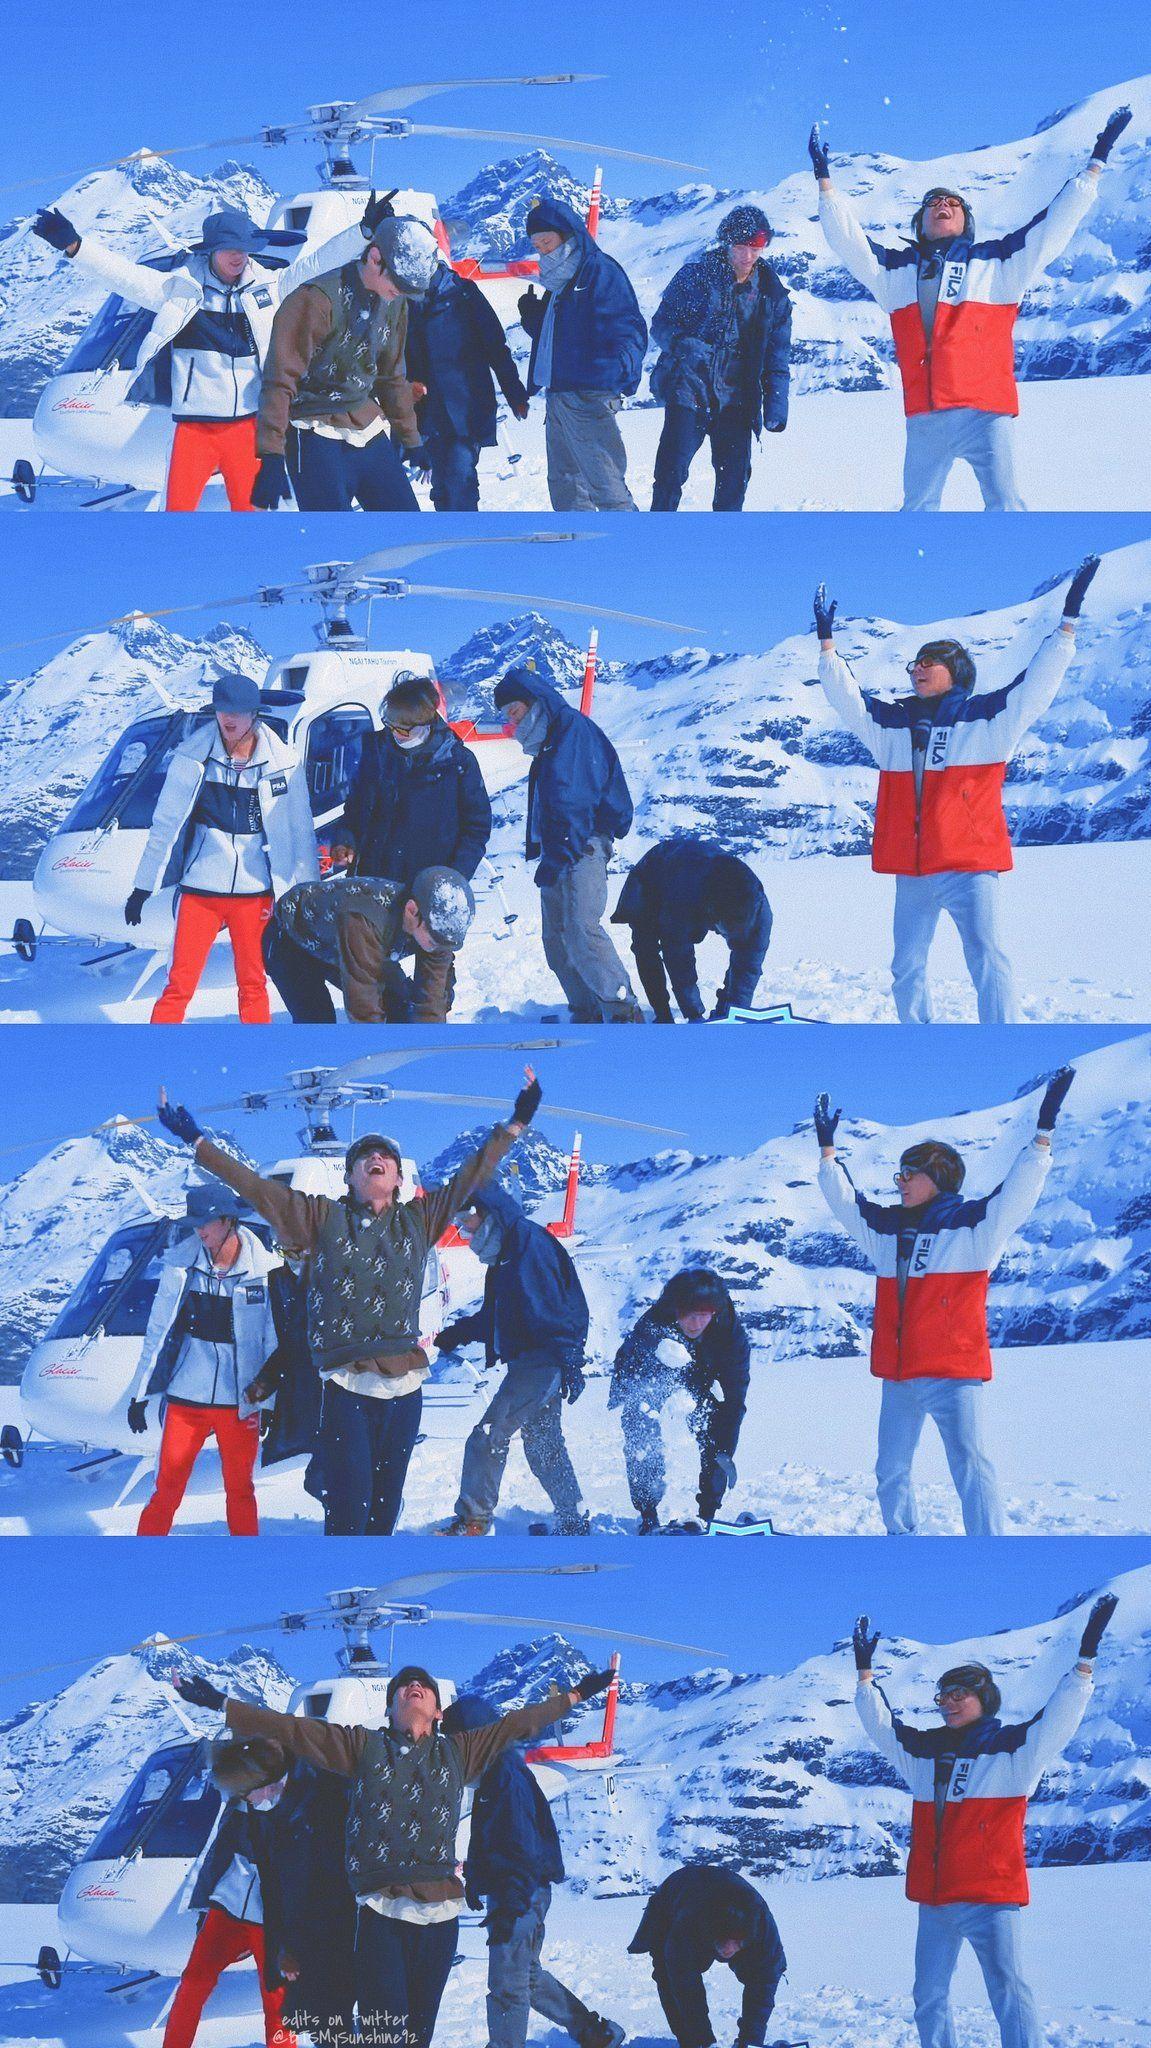 BON VOYAGE Season 4 Preview  BTS Wallpaper Lockscreen & Edit   #bts #jk #v #jimin #jhope #suga #jin #rm #jhopewallpaper